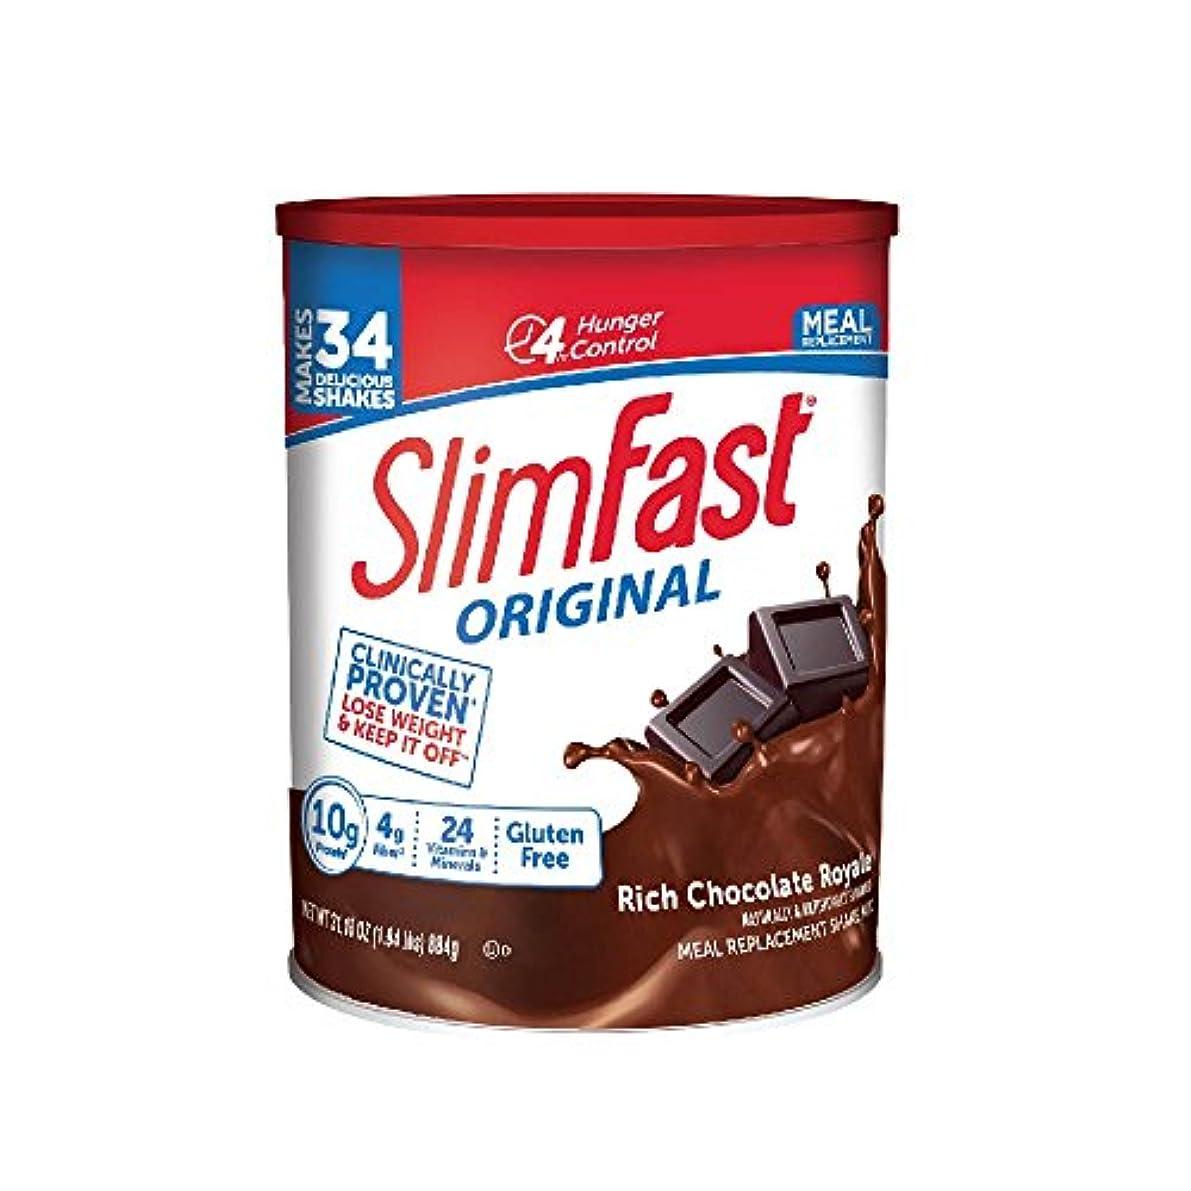 ナンセンスバラエティ自分の力ですべてをする海外直送品 SlimFast スリムファースト321 Plan ロイヤルチョコレートシェーク884g